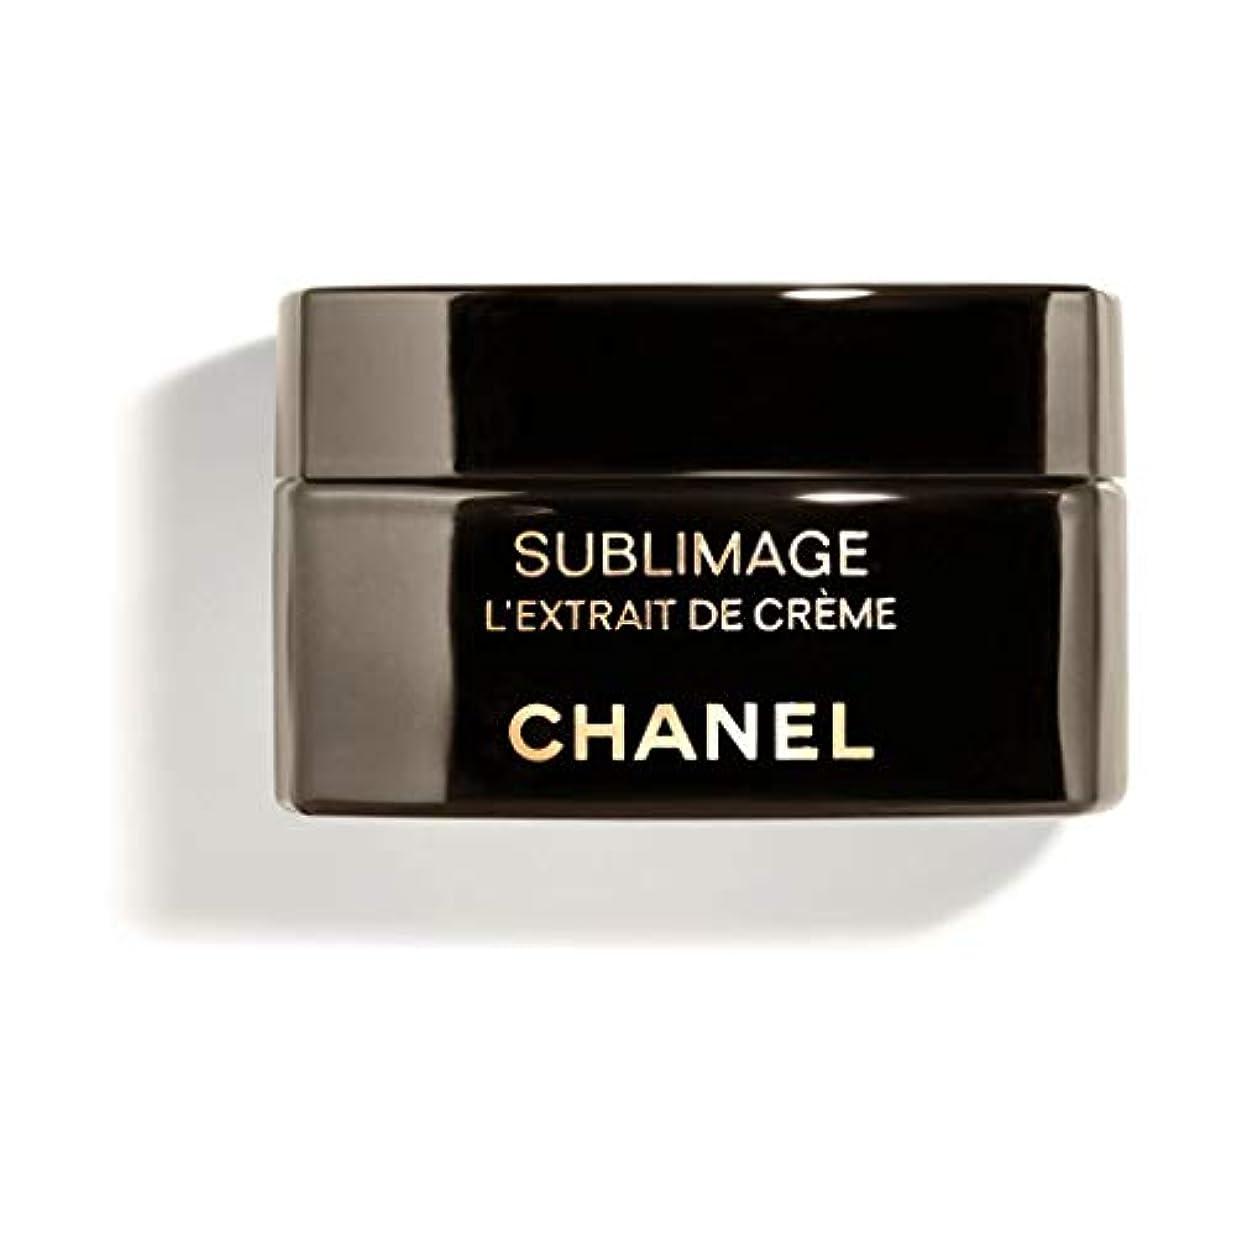 裁量綺麗な酸度CHANEL(シャネル) SUBLIMAGE L EXTRAIT DE CREME サブリマージュ レクストレ ドゥ クレーム 50g